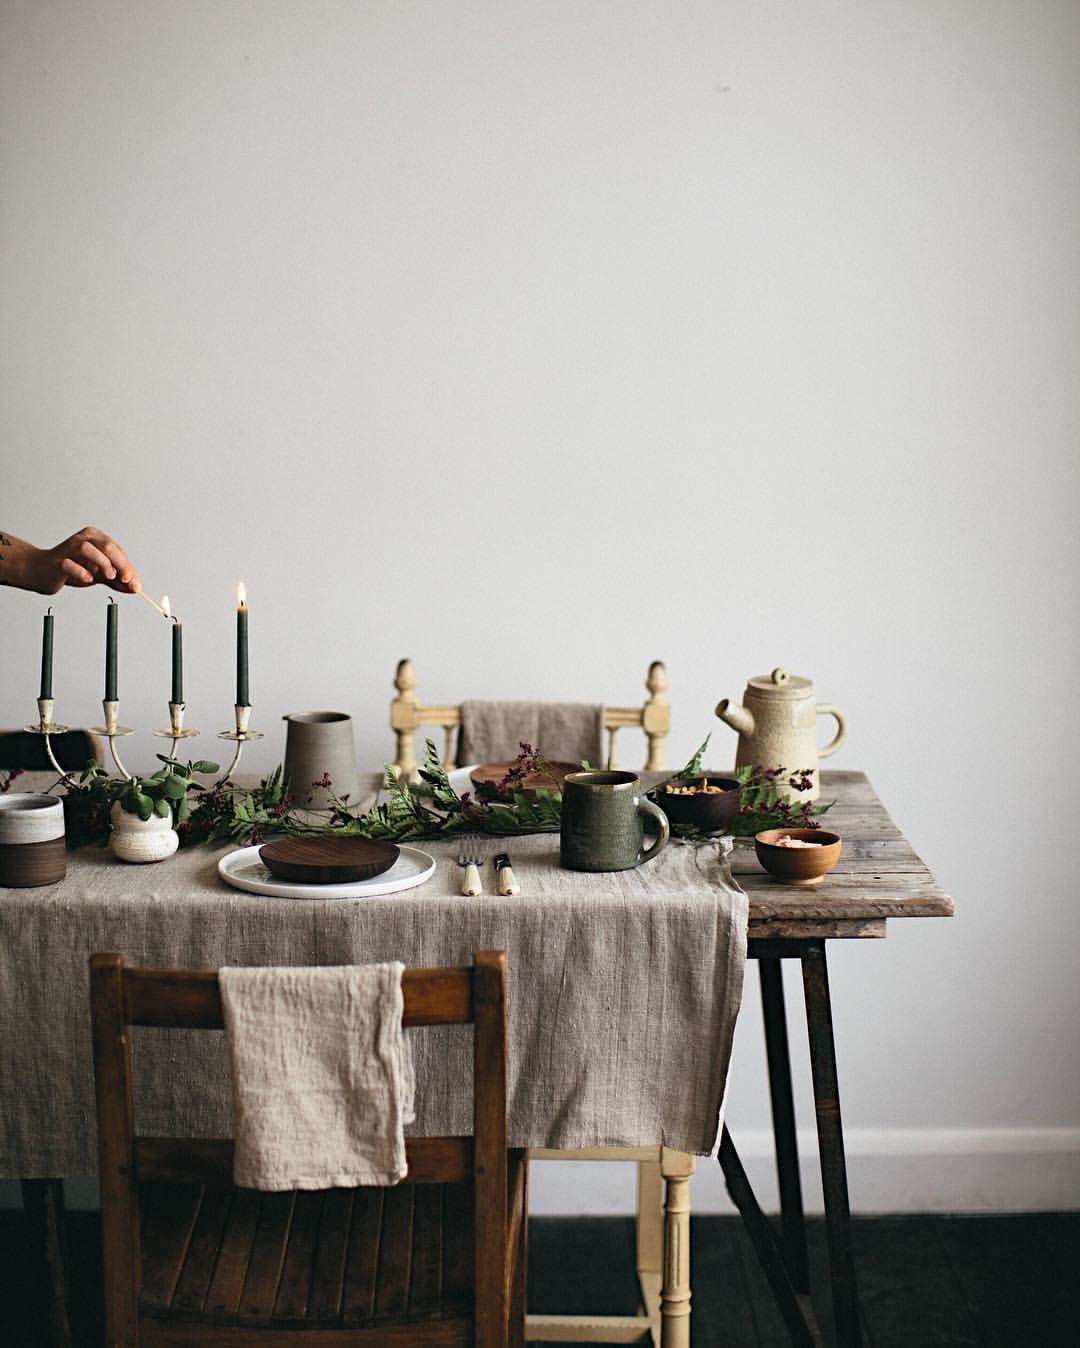 tischdekoration. tisch decken. inspiration | esskultur und, Esszimmer dekoo